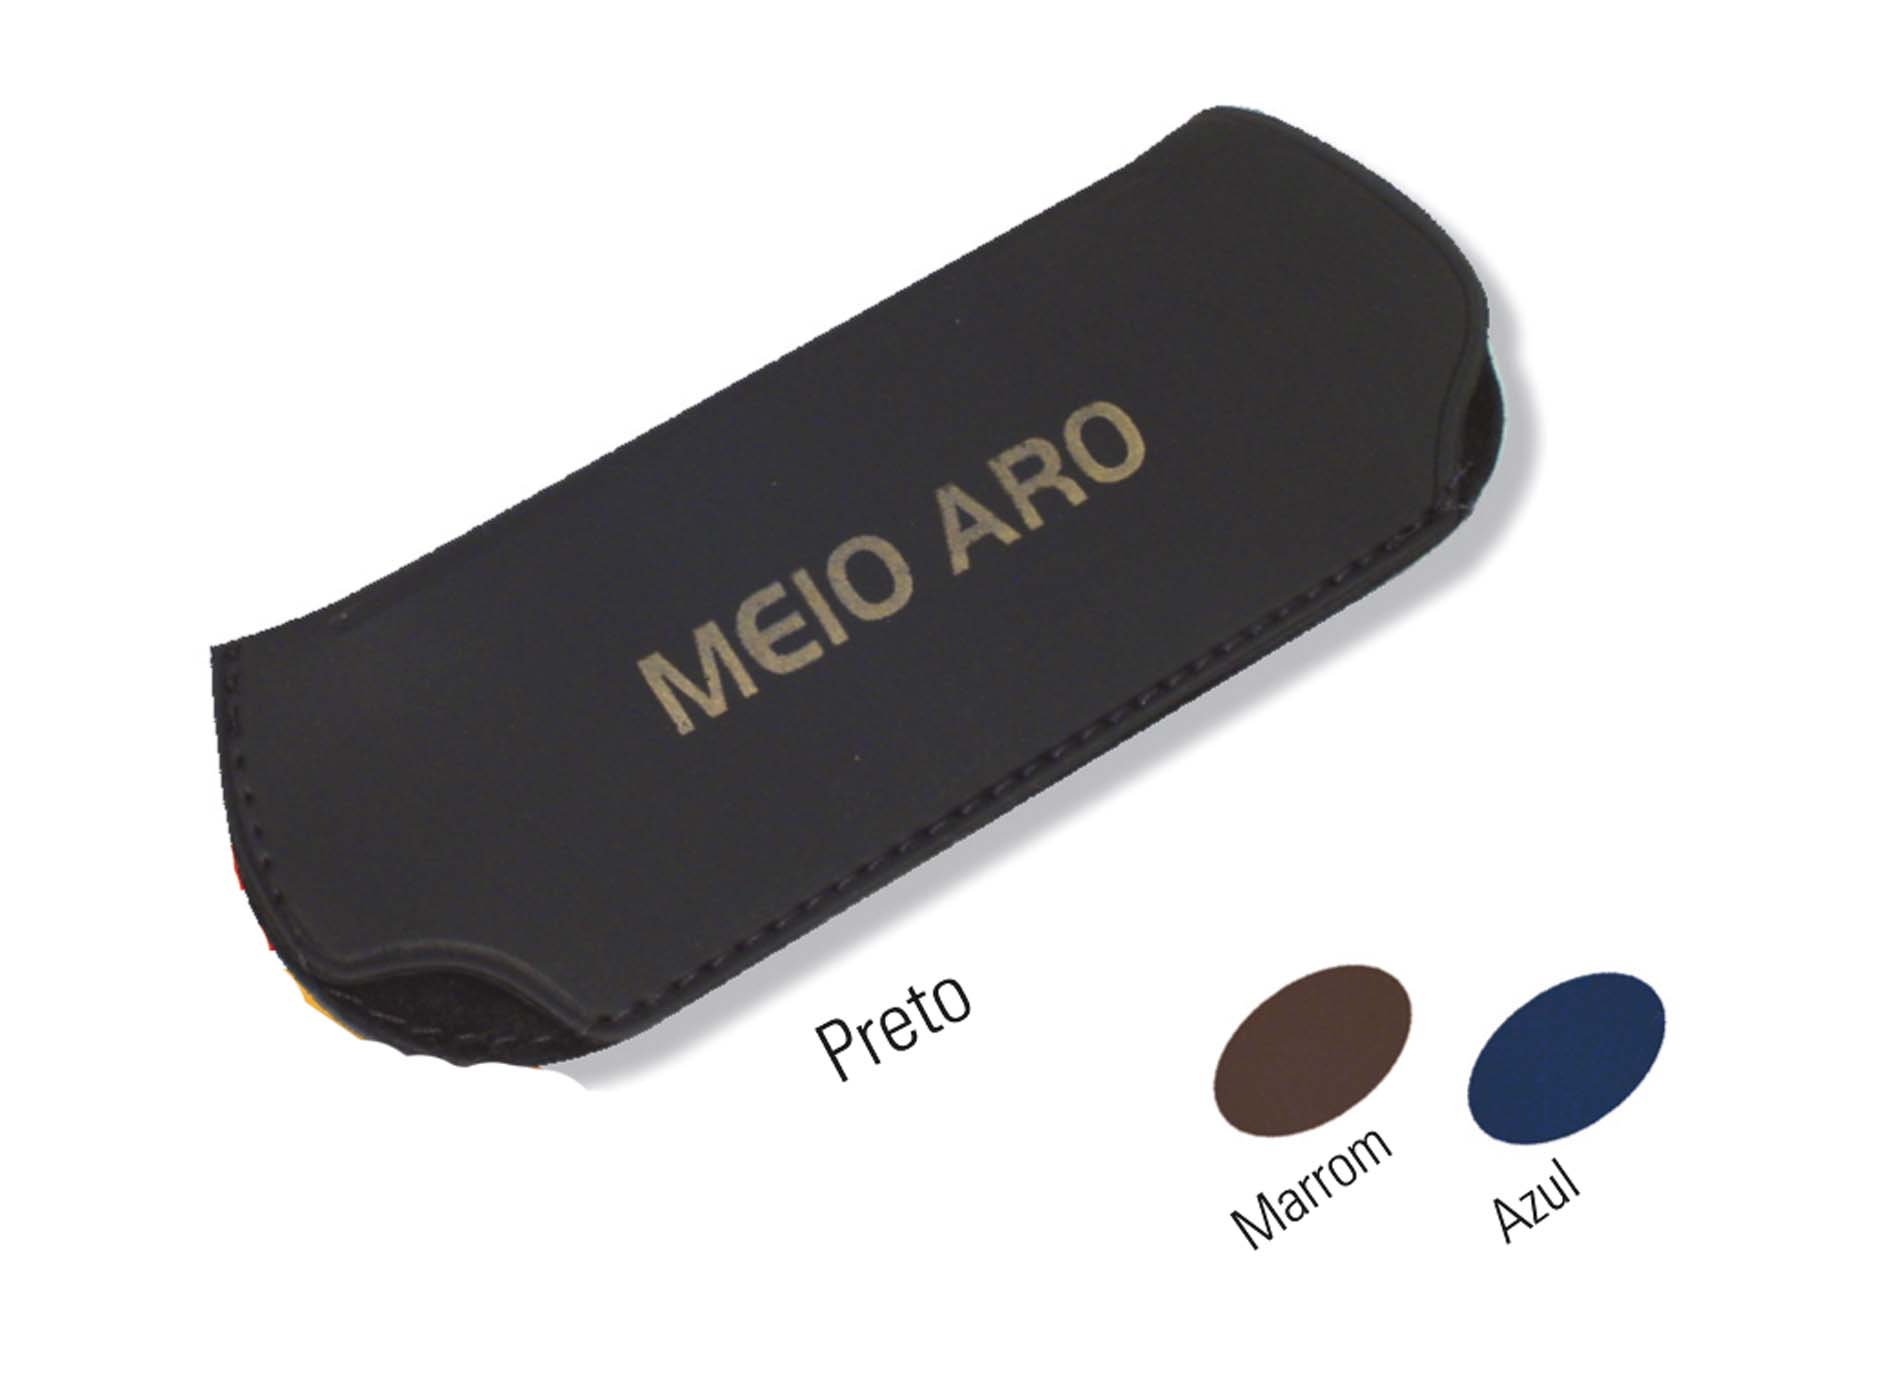 MEIO ARO FULL